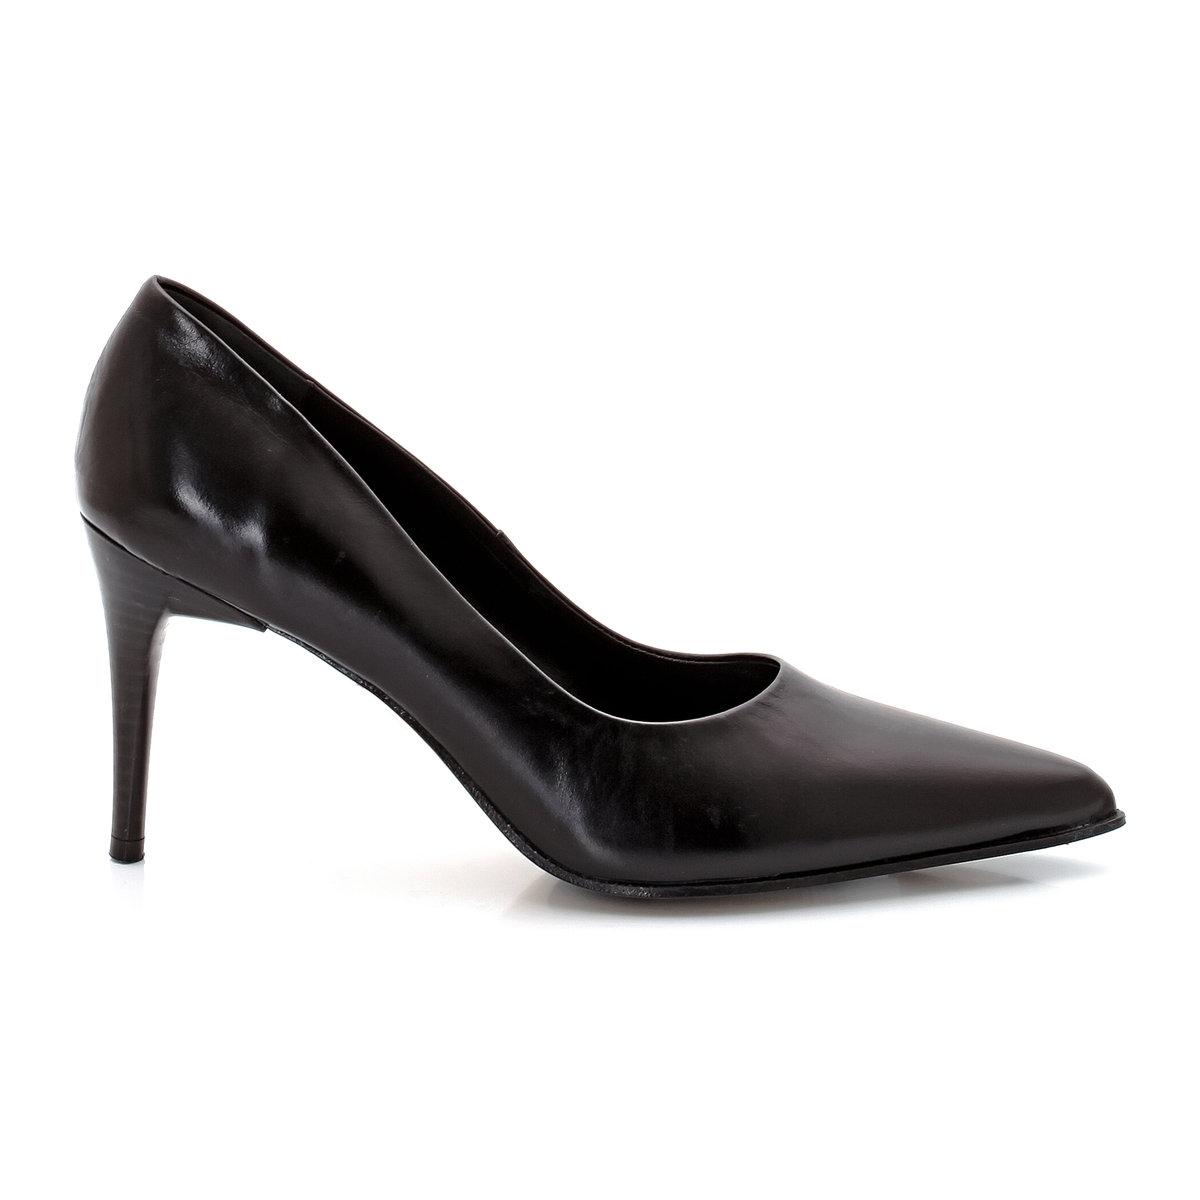 Туфли из замши LESTON dELIZABETH STUARTТуфли, модель LESTON от ELIZABETH STUARTВНИМАНИЕ Верх: замша.Подкладка: кожа. Подошва: кожа. Высота каблука: 8,5 см.<br><br>Цвет: черный<br>Размер: 38